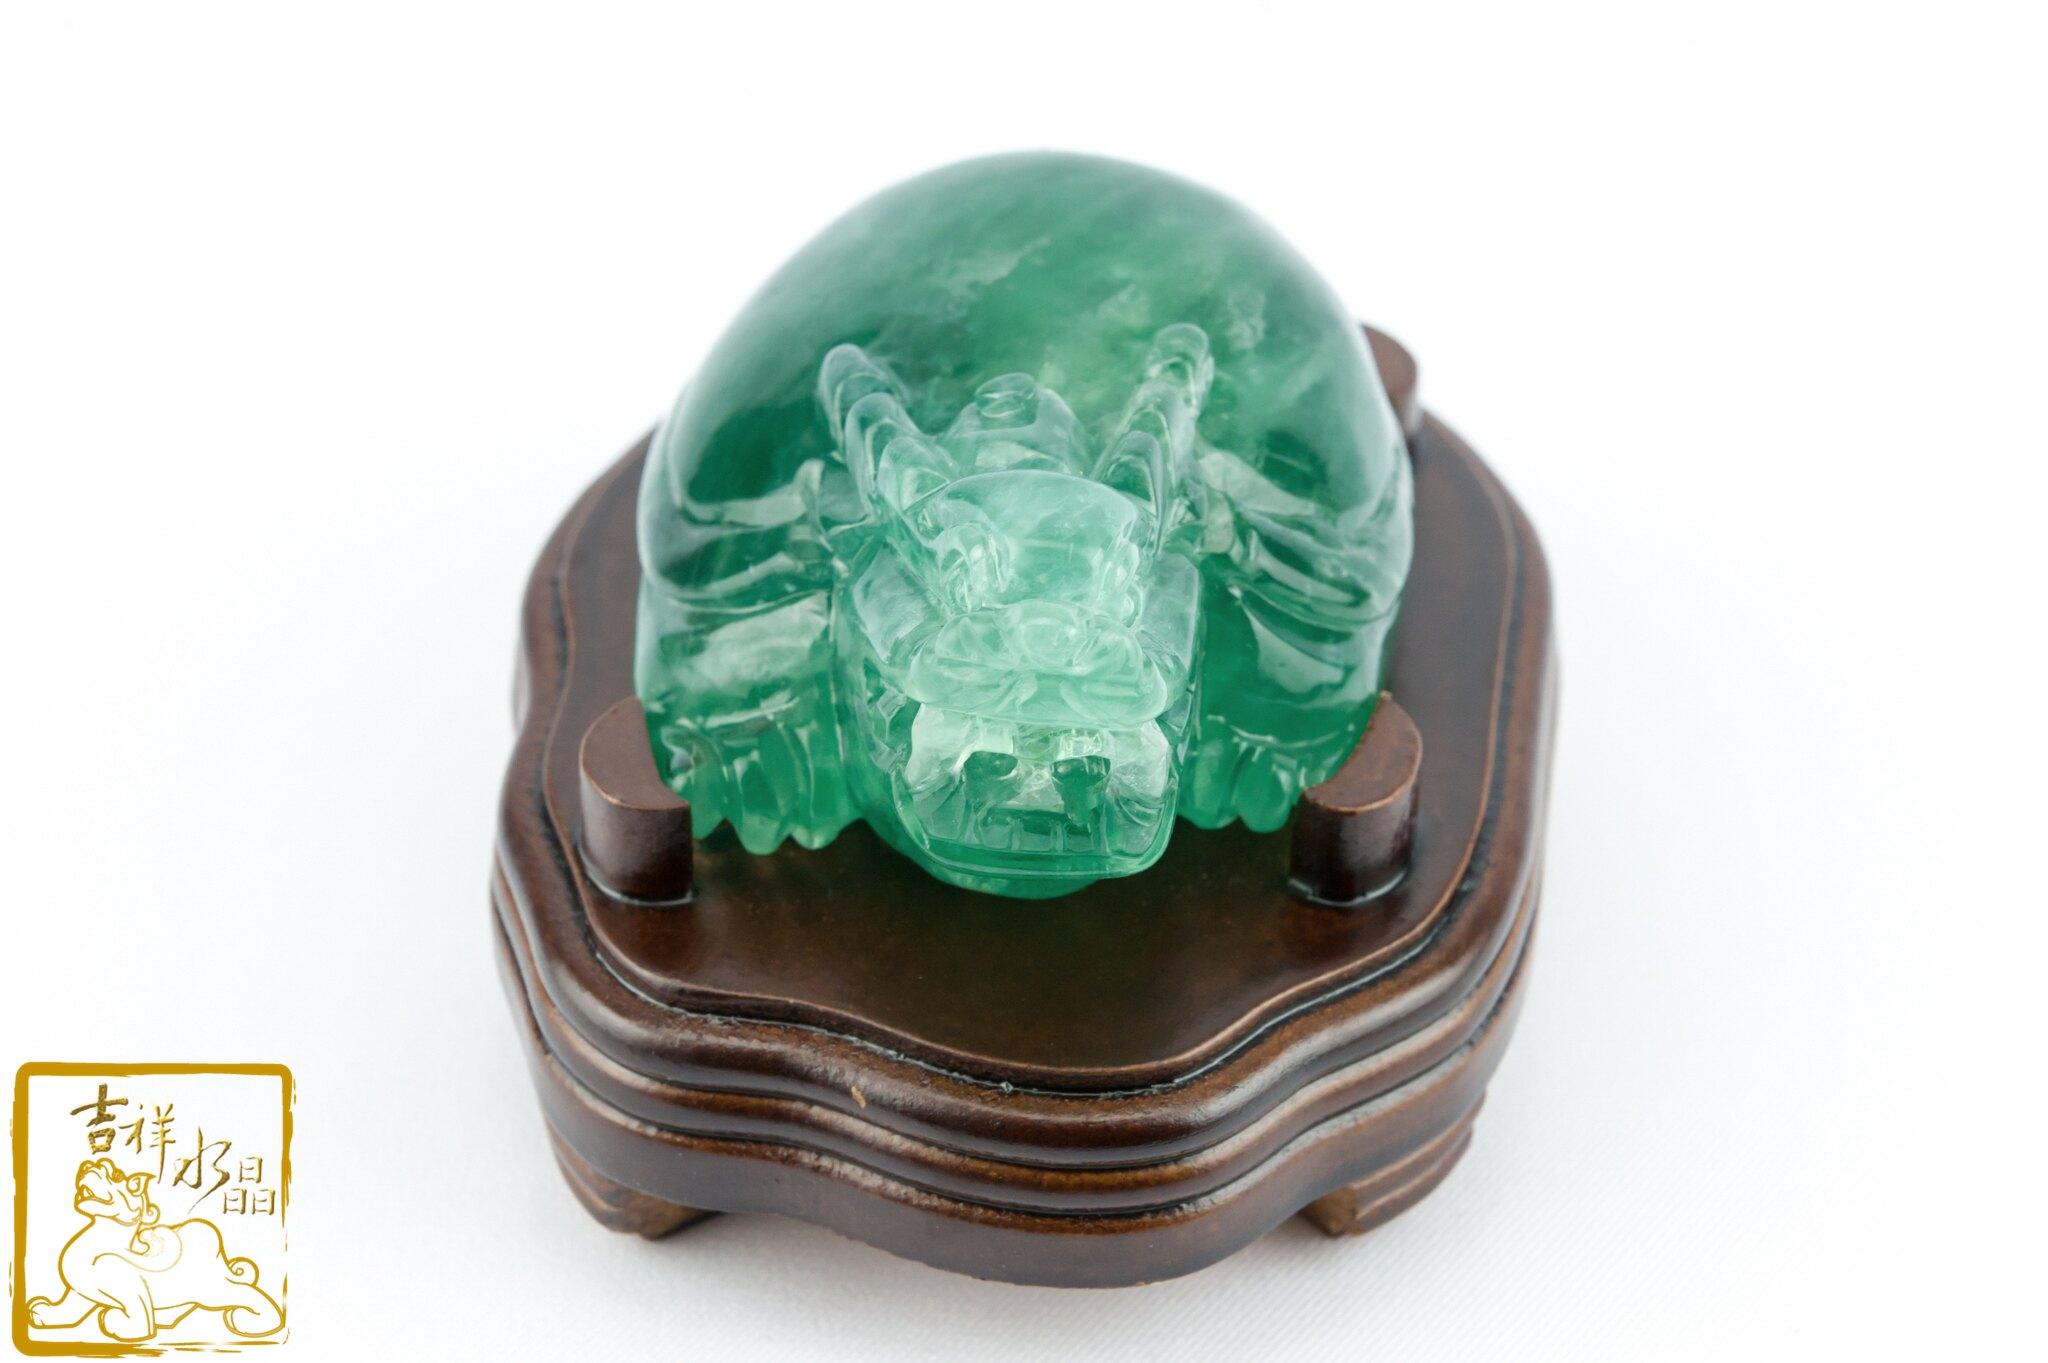 【吉祥水晶】綠螢石龍龜擺件 400g 長命百壽